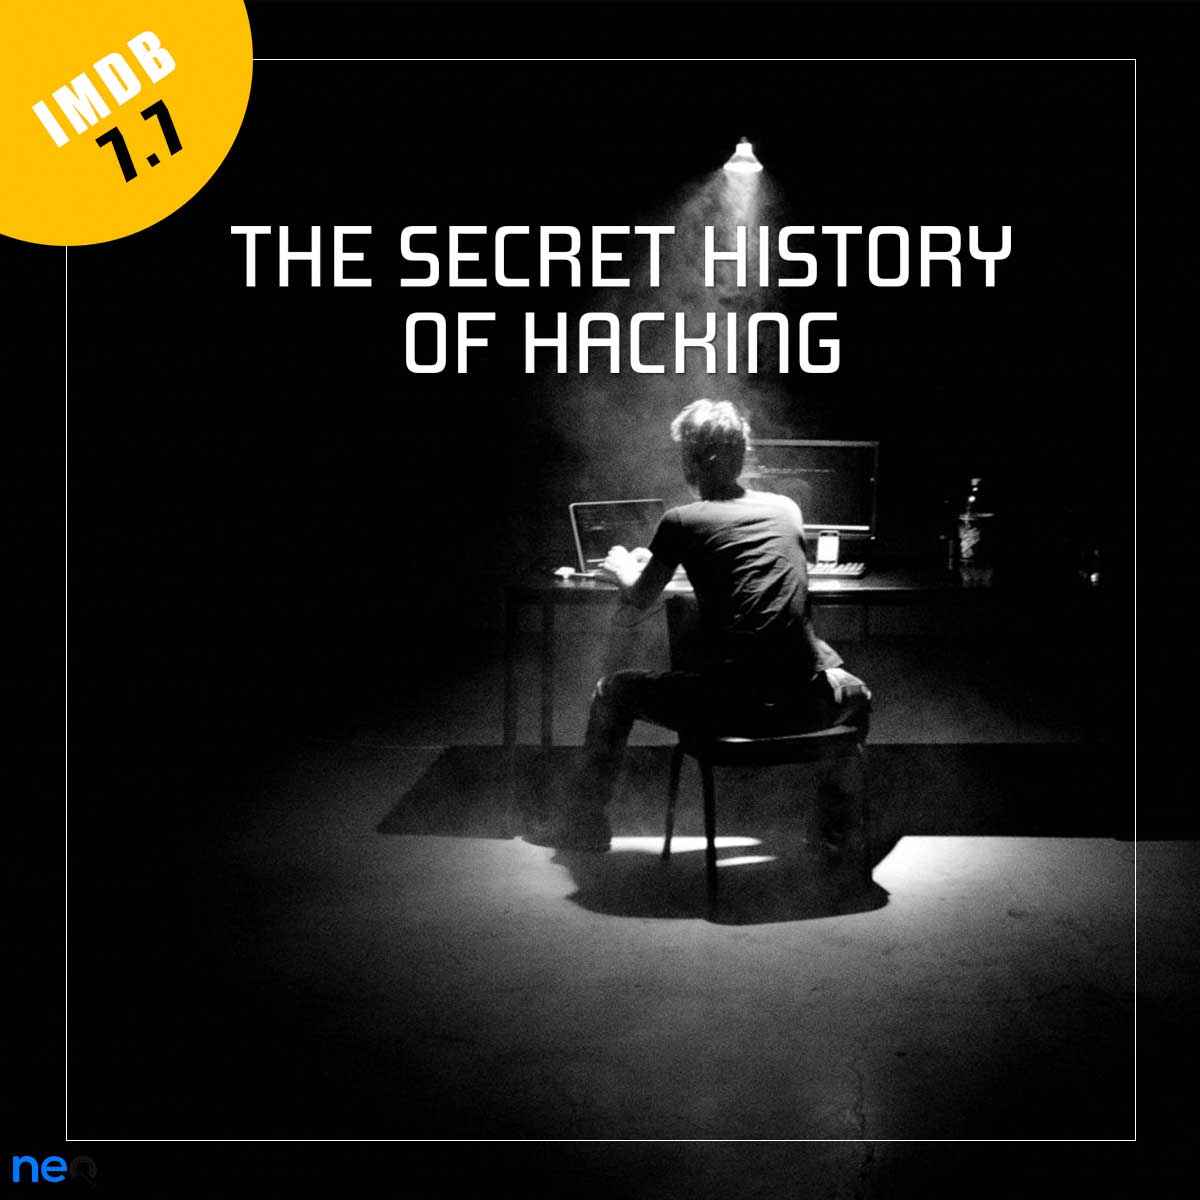 Hacker Filmleri, Hacker Filmi Önerileri